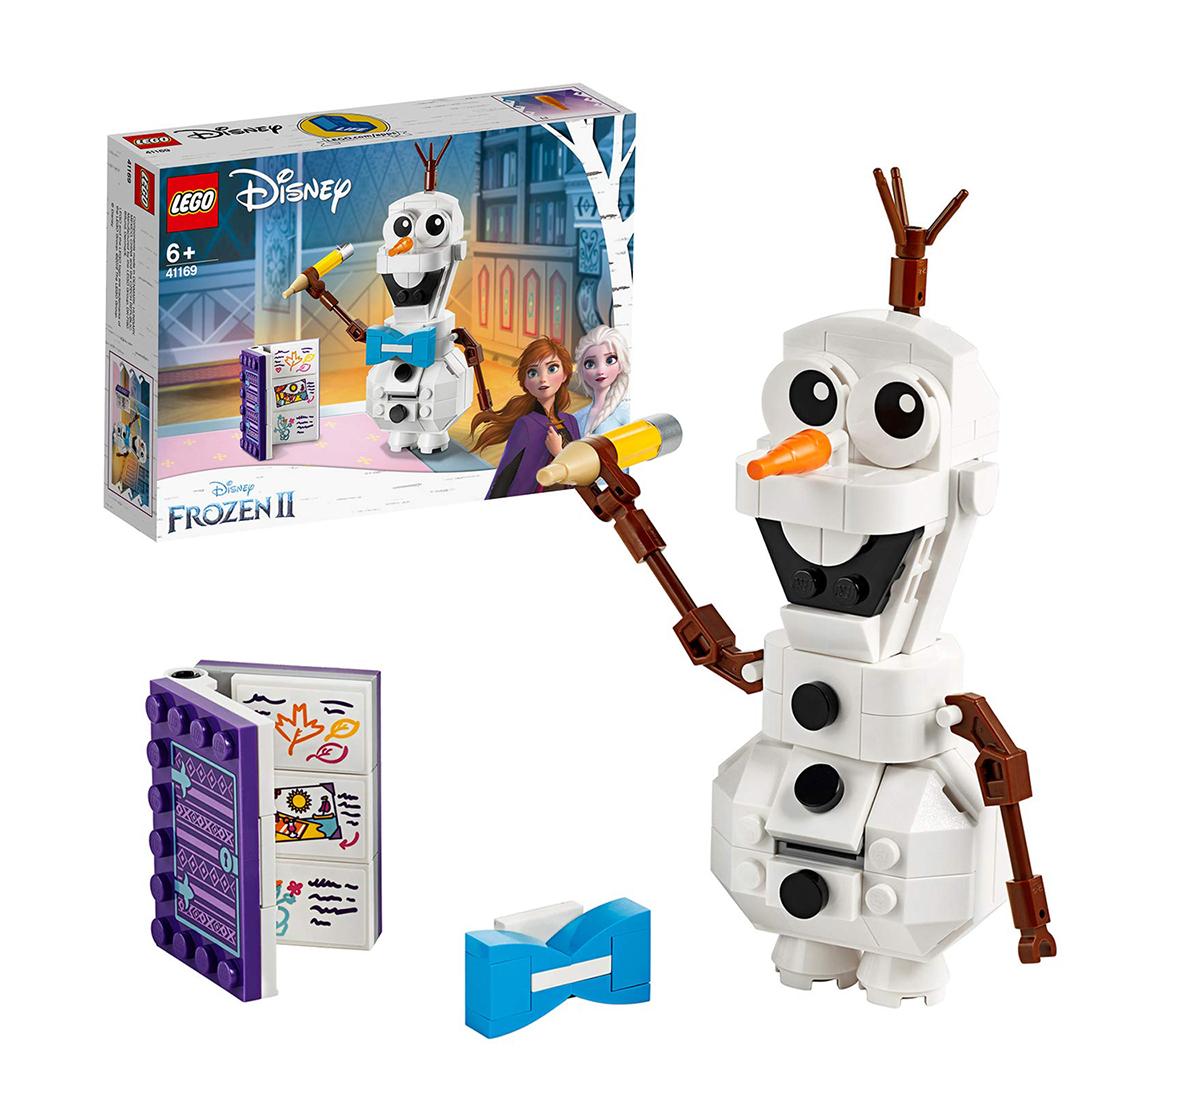 LEGO | Lego Disney Frozen 2 Olaf 41169 Blocks for Kids age 6Y+